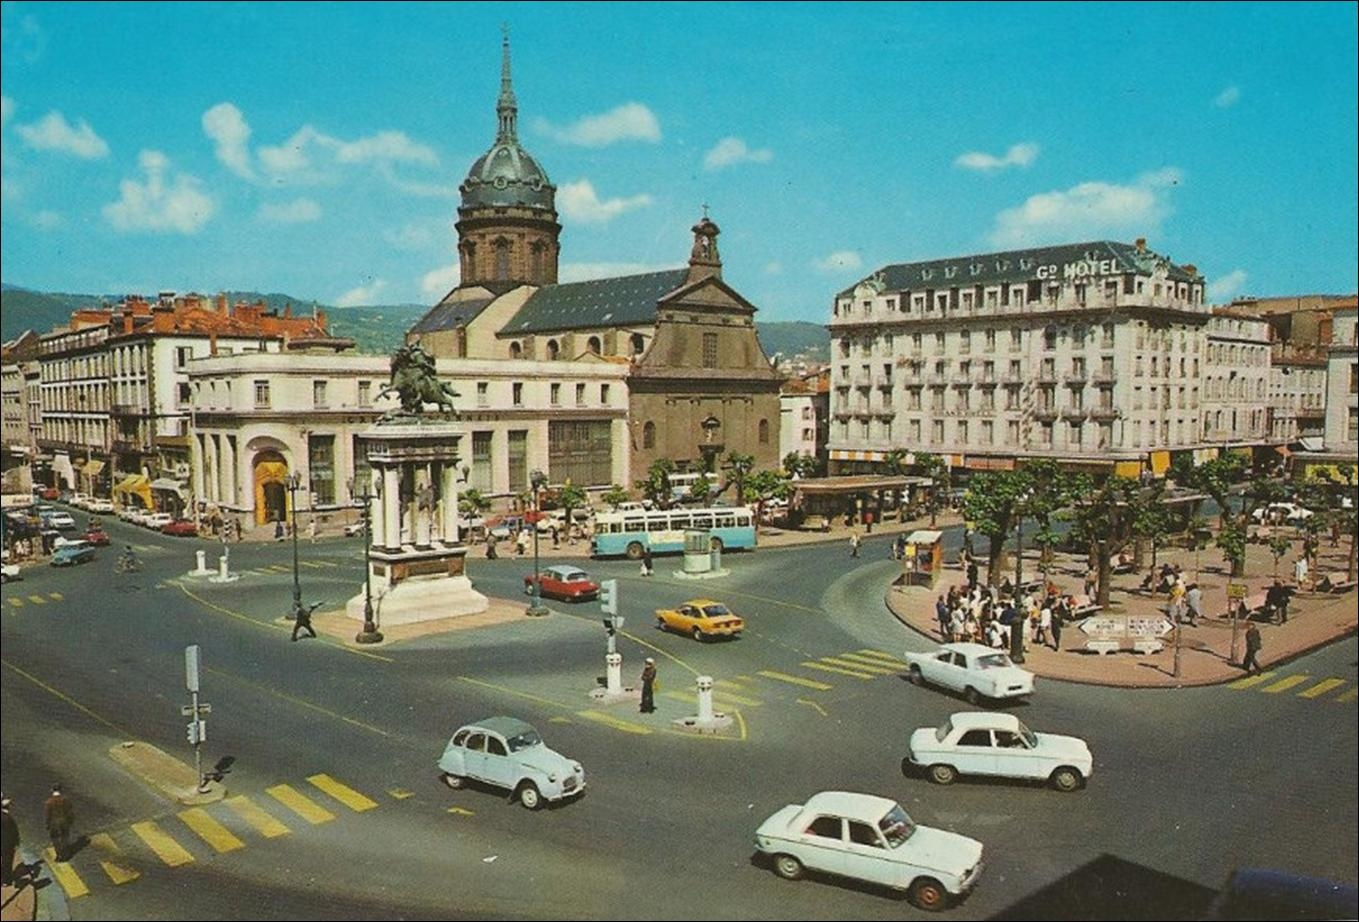 Clermont-Ferrand de 1842 à 1980 : qu'est-ce qui a changé ?